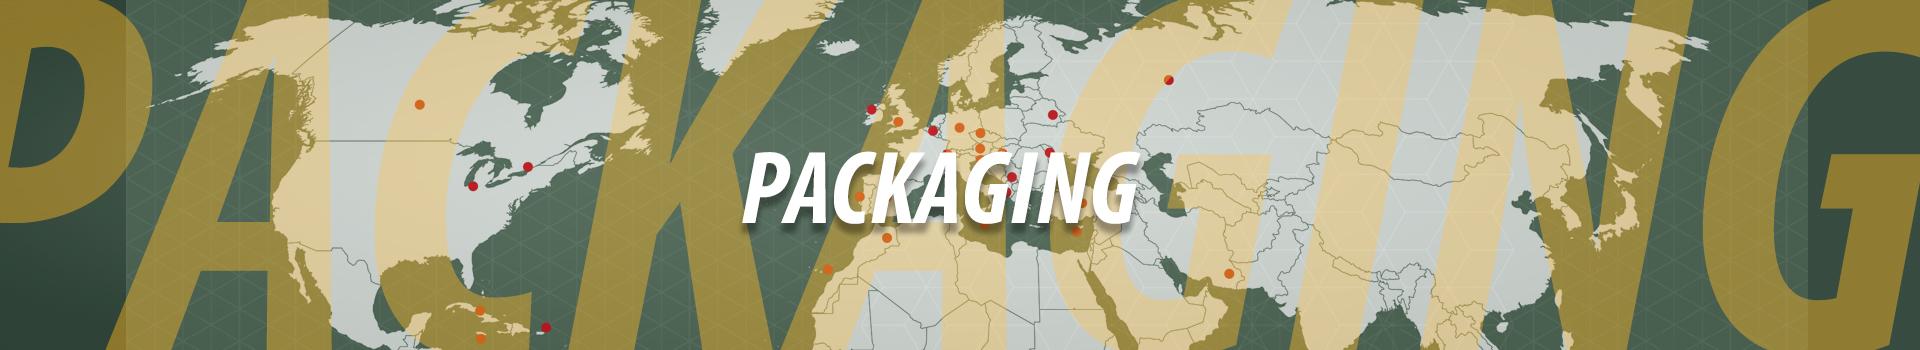 Header_Packaging